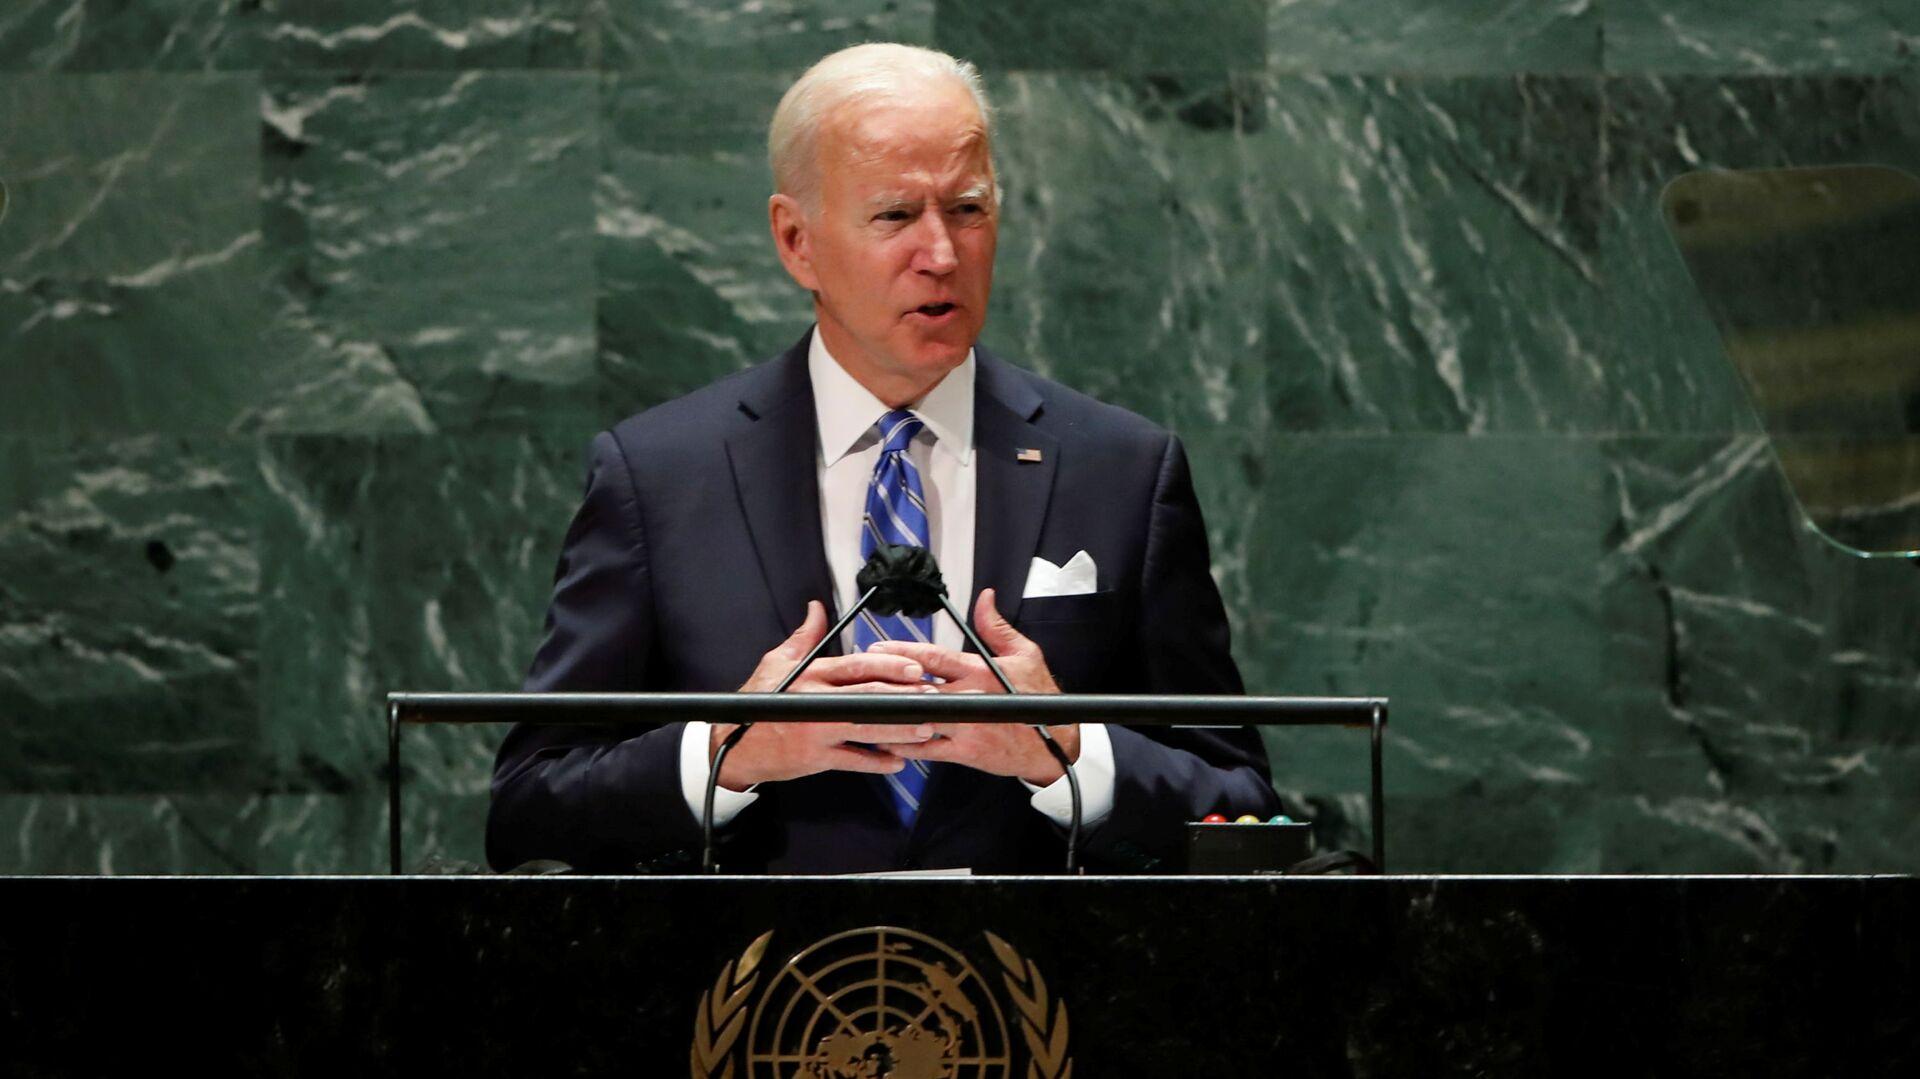 Joe Biden alla 76° sessione annuale dell'Assemblea generale delle Nazioni Unite - Sputnik Italia, 1920, 12.10.2021